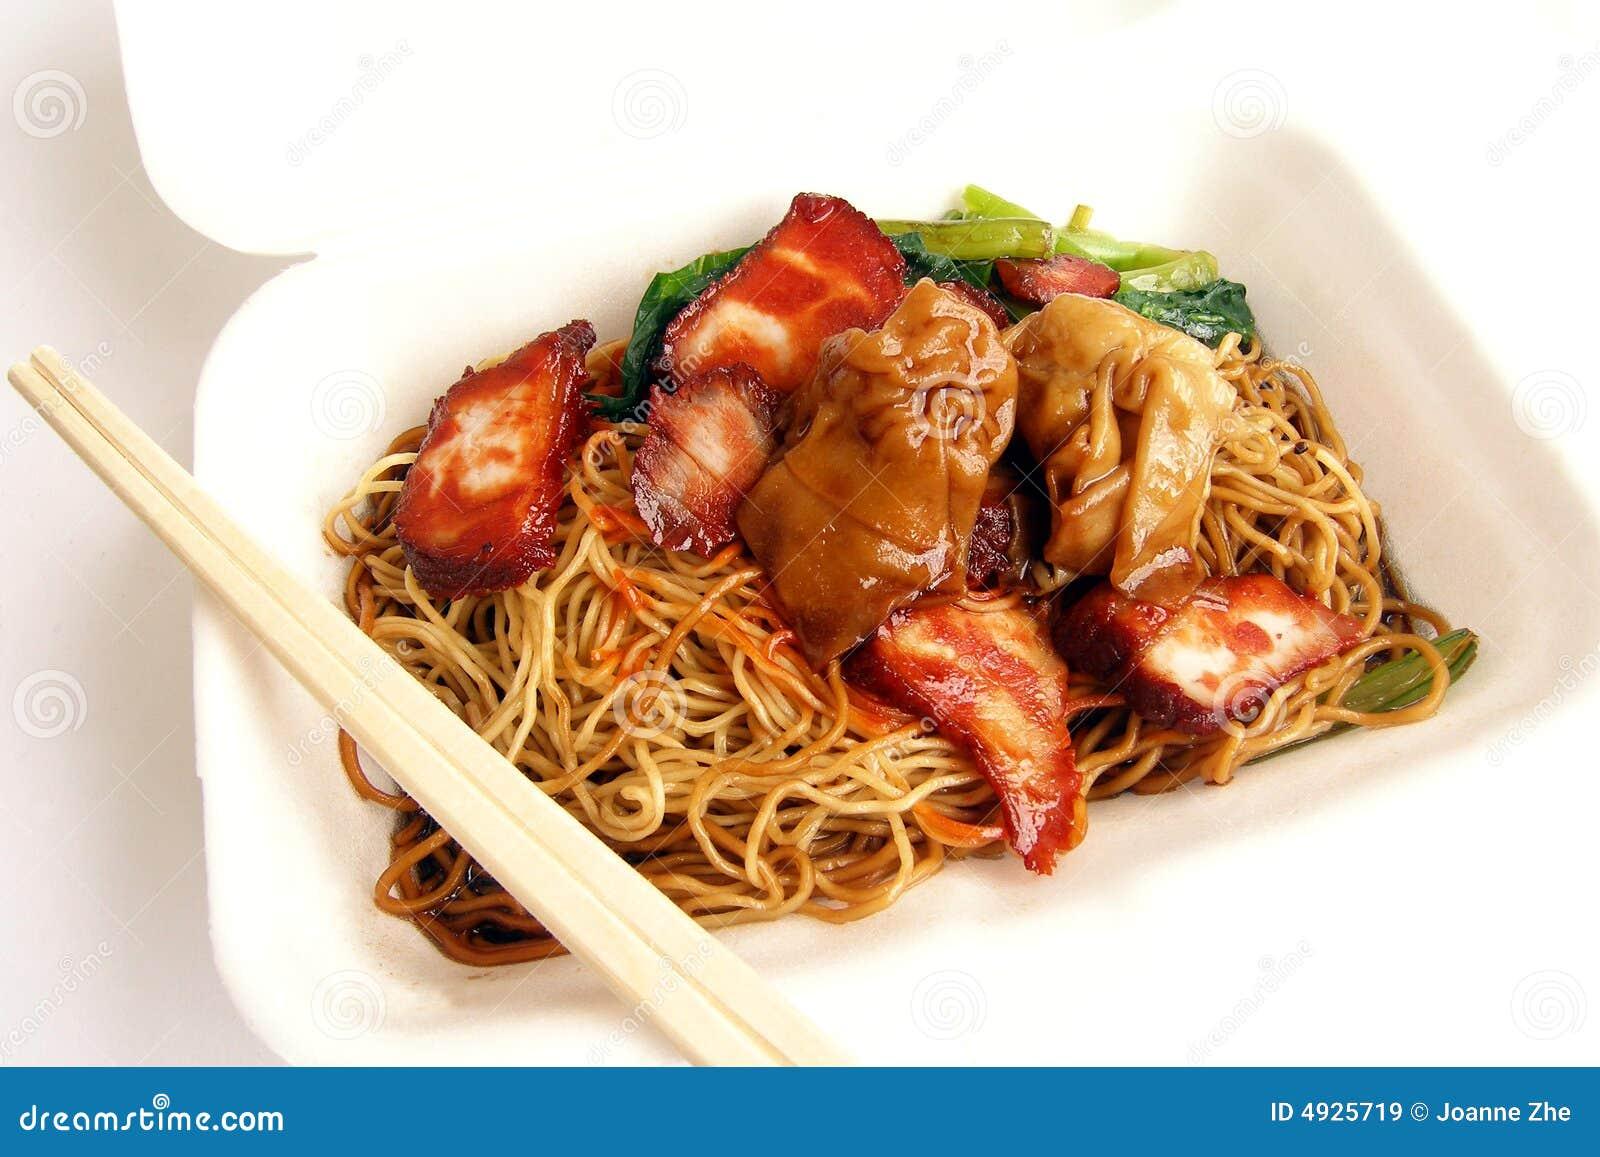 Chińskie jedzenie na wynos z duńskich